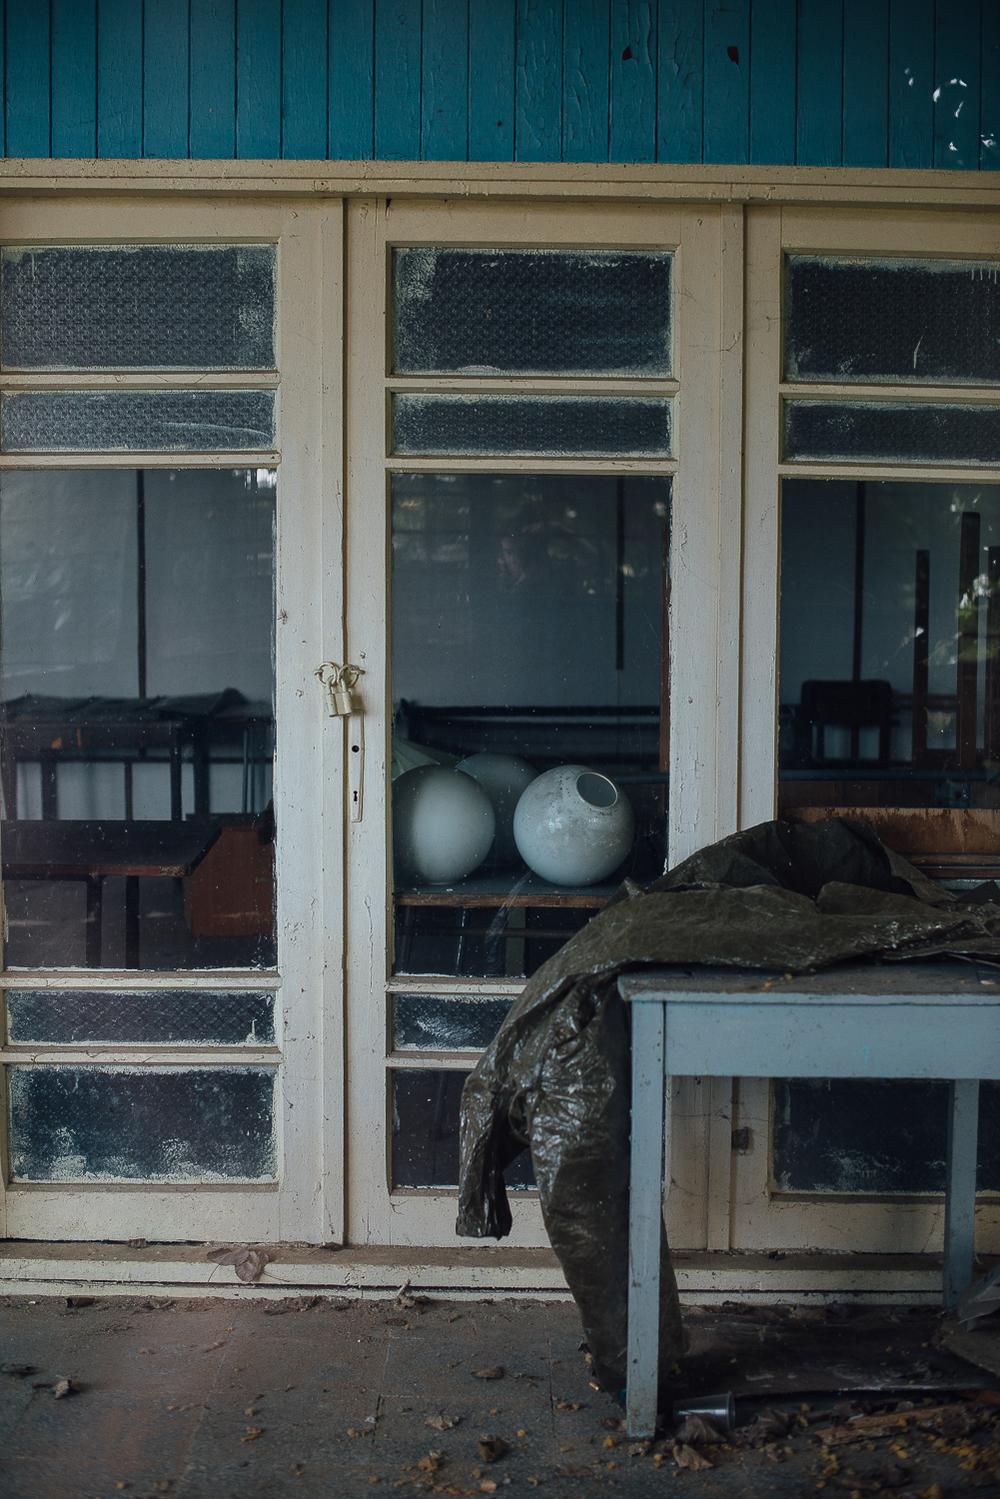 abandoned-summer-school-mariya-mileva-10.jpg